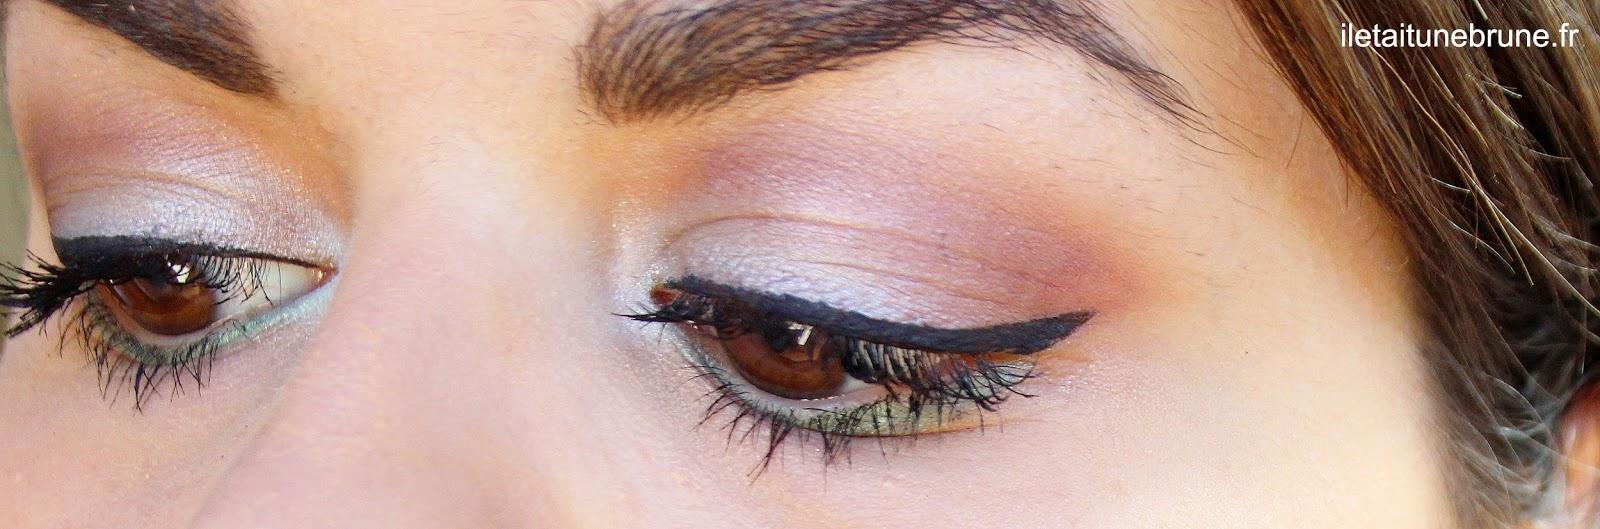 maquillage estival coloré bleu ciel, prune et vert